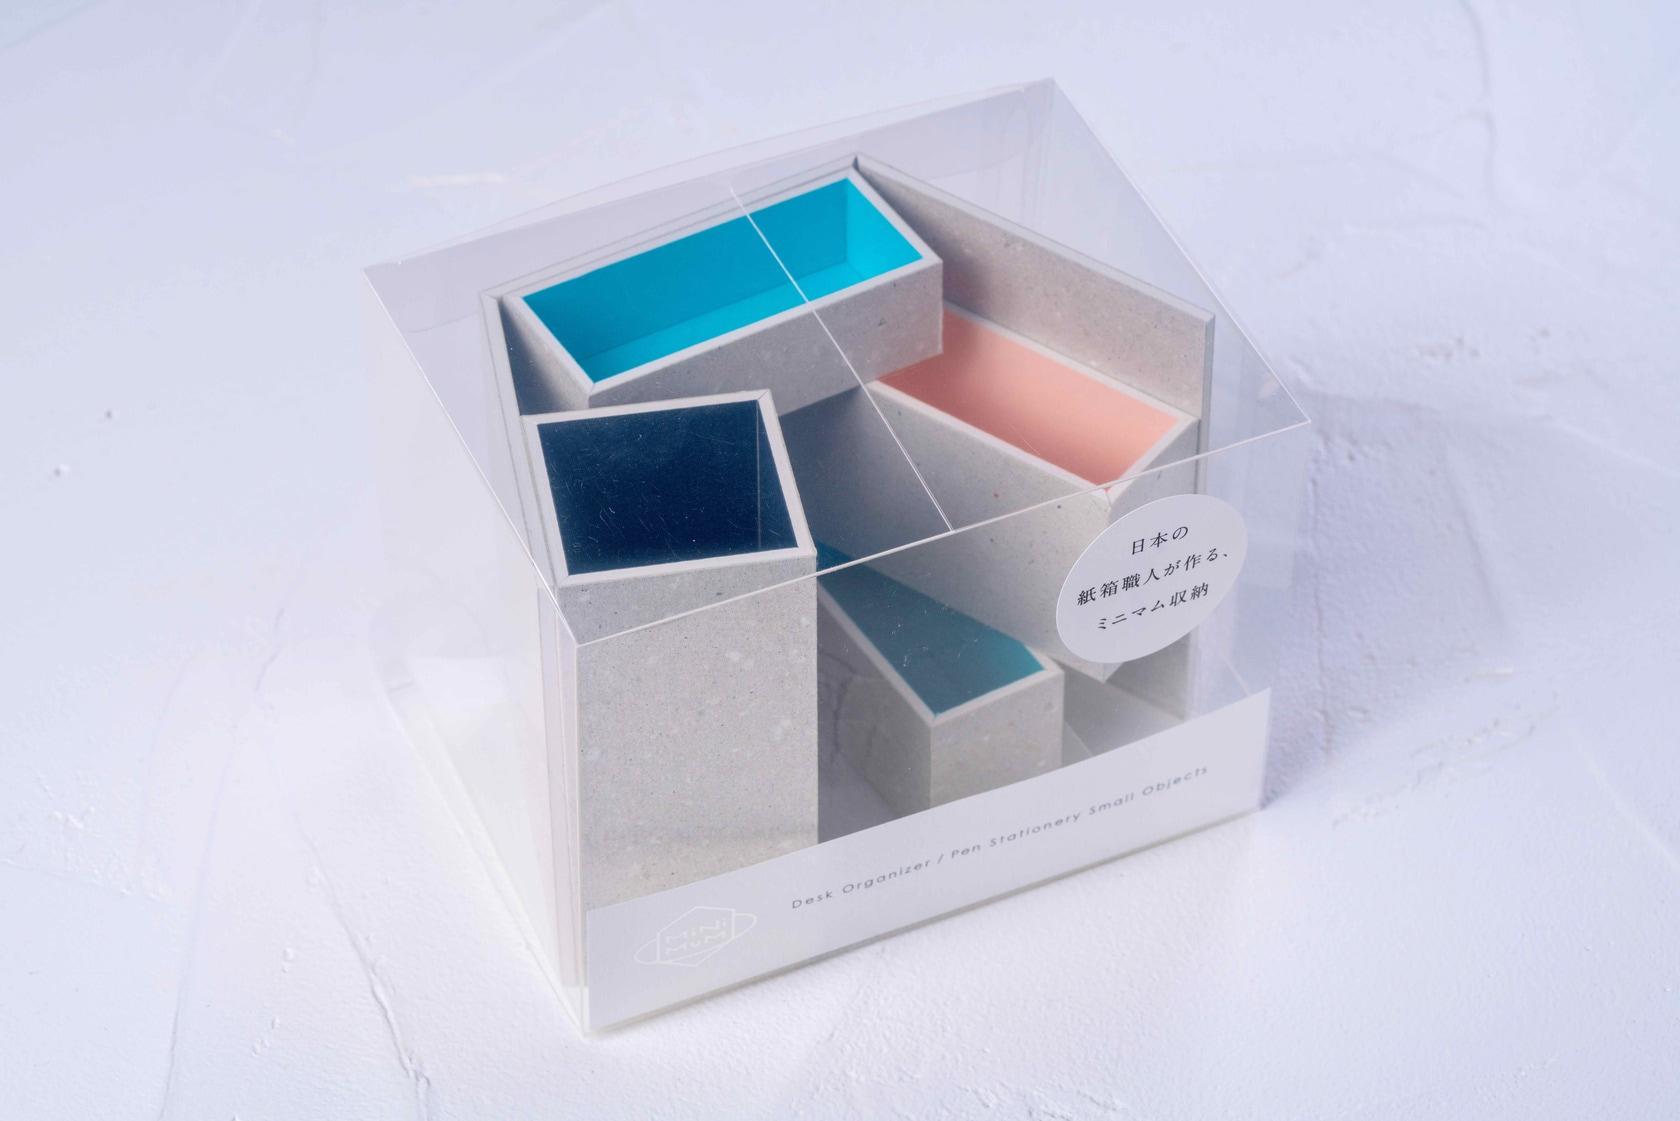 モリタのMiNiMuM Space BOX-1(グレー)のパッケージ